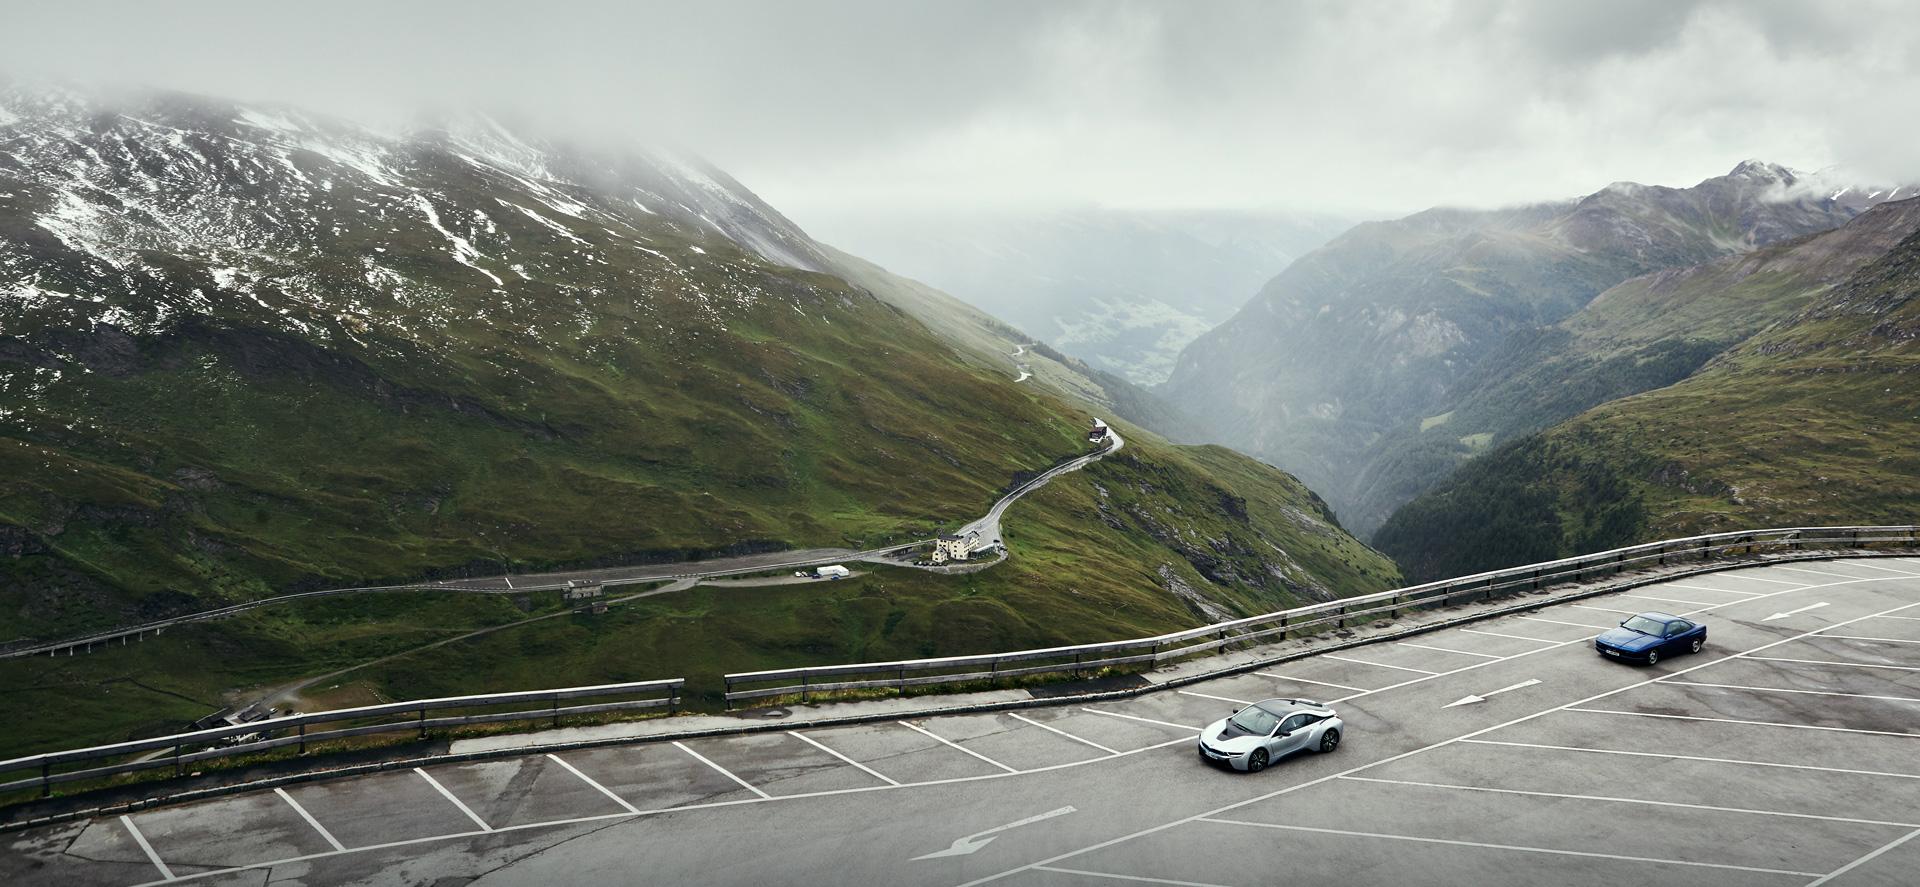 Супертест двух «восьмерок» BMW, как выбор между ностальгией о прошлом и мечтами о будущем. Фото 17